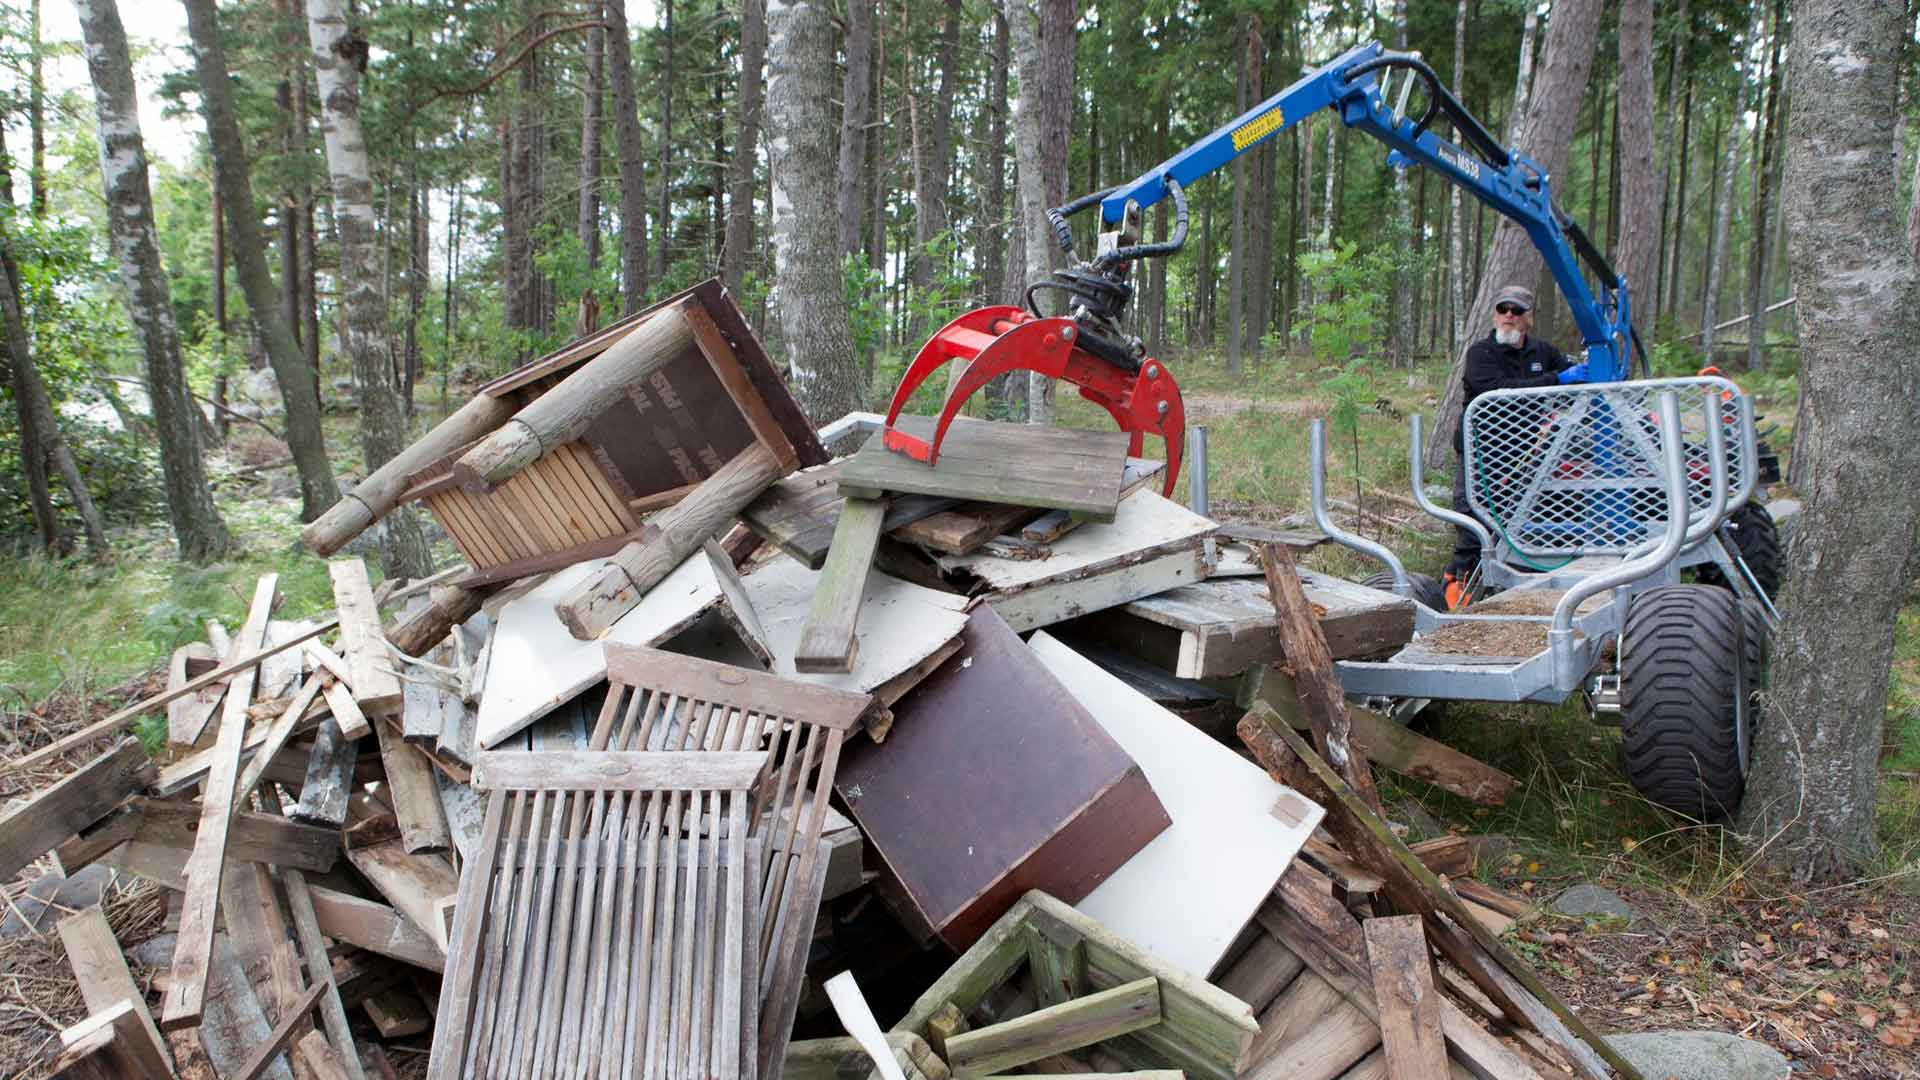 Totte Kautonen kerää telttapaikkojen purkamisesta jääneitä tavaroita. Tavarat kasataan jätelavoille ja kuljetetaan mantereelle.